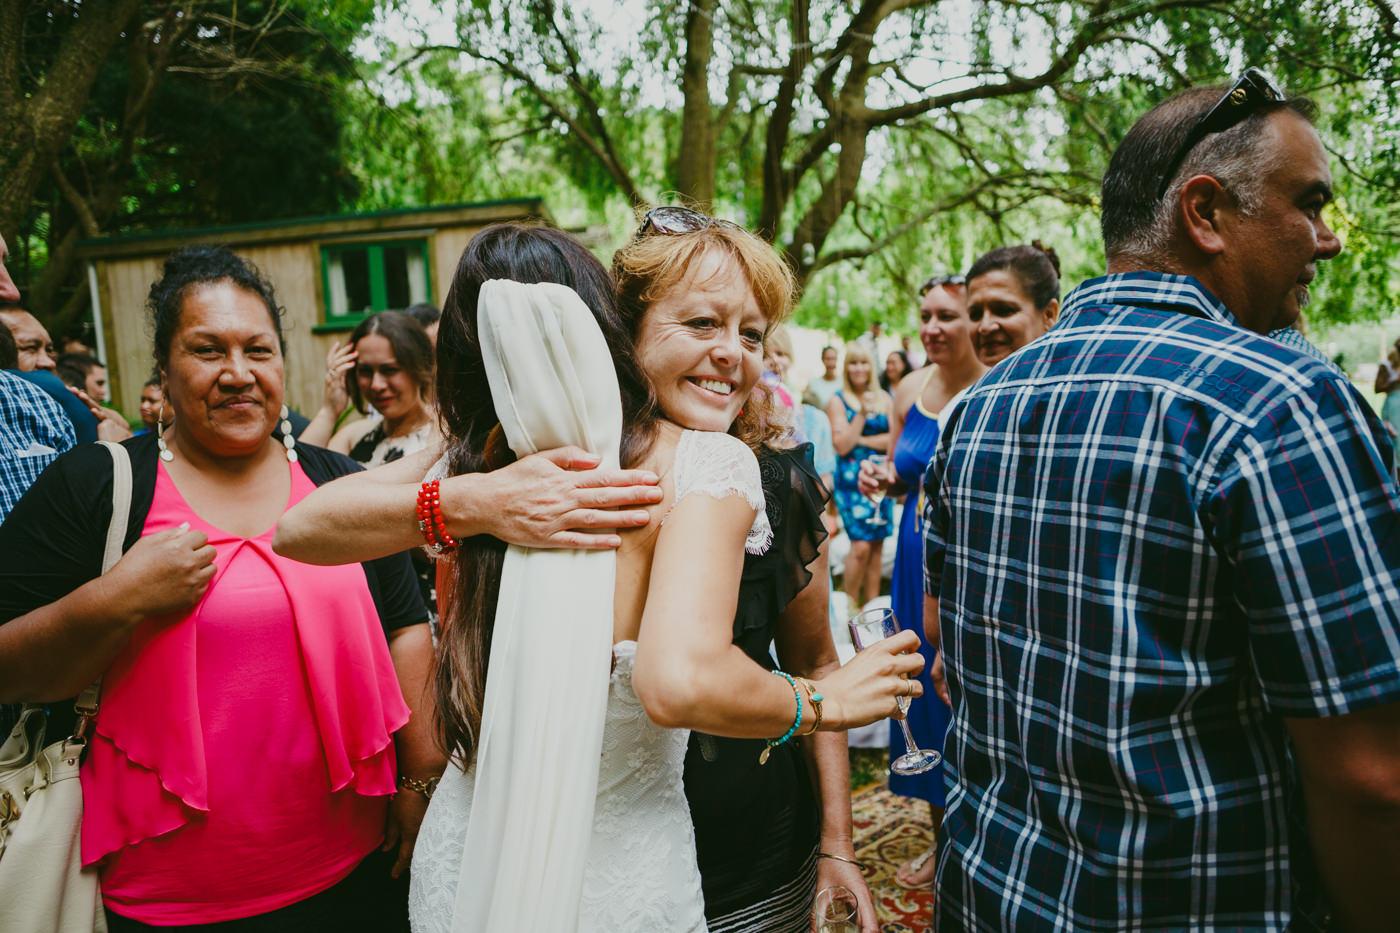 052z_auckland_leigh_wedding_photos.jpg